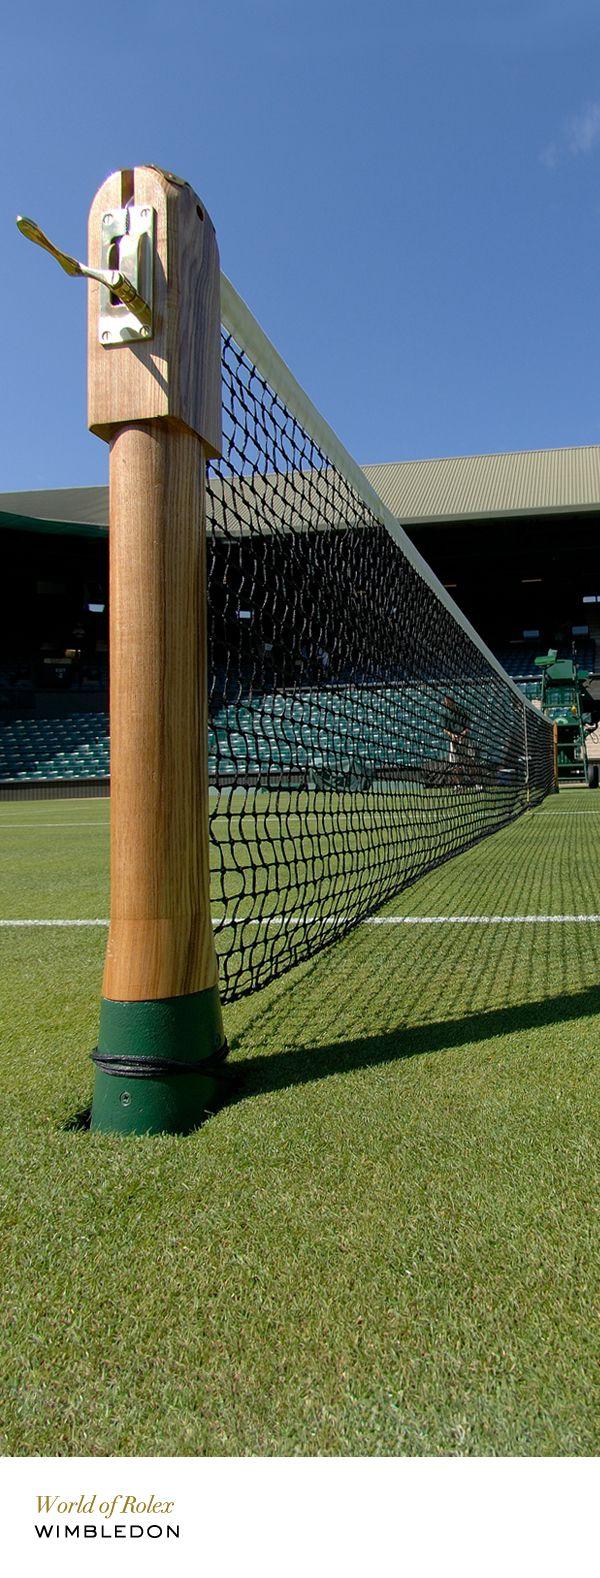 Wimbledon net post. http://weplayt.strikingly.com/ #Rolex #RolexOfficial